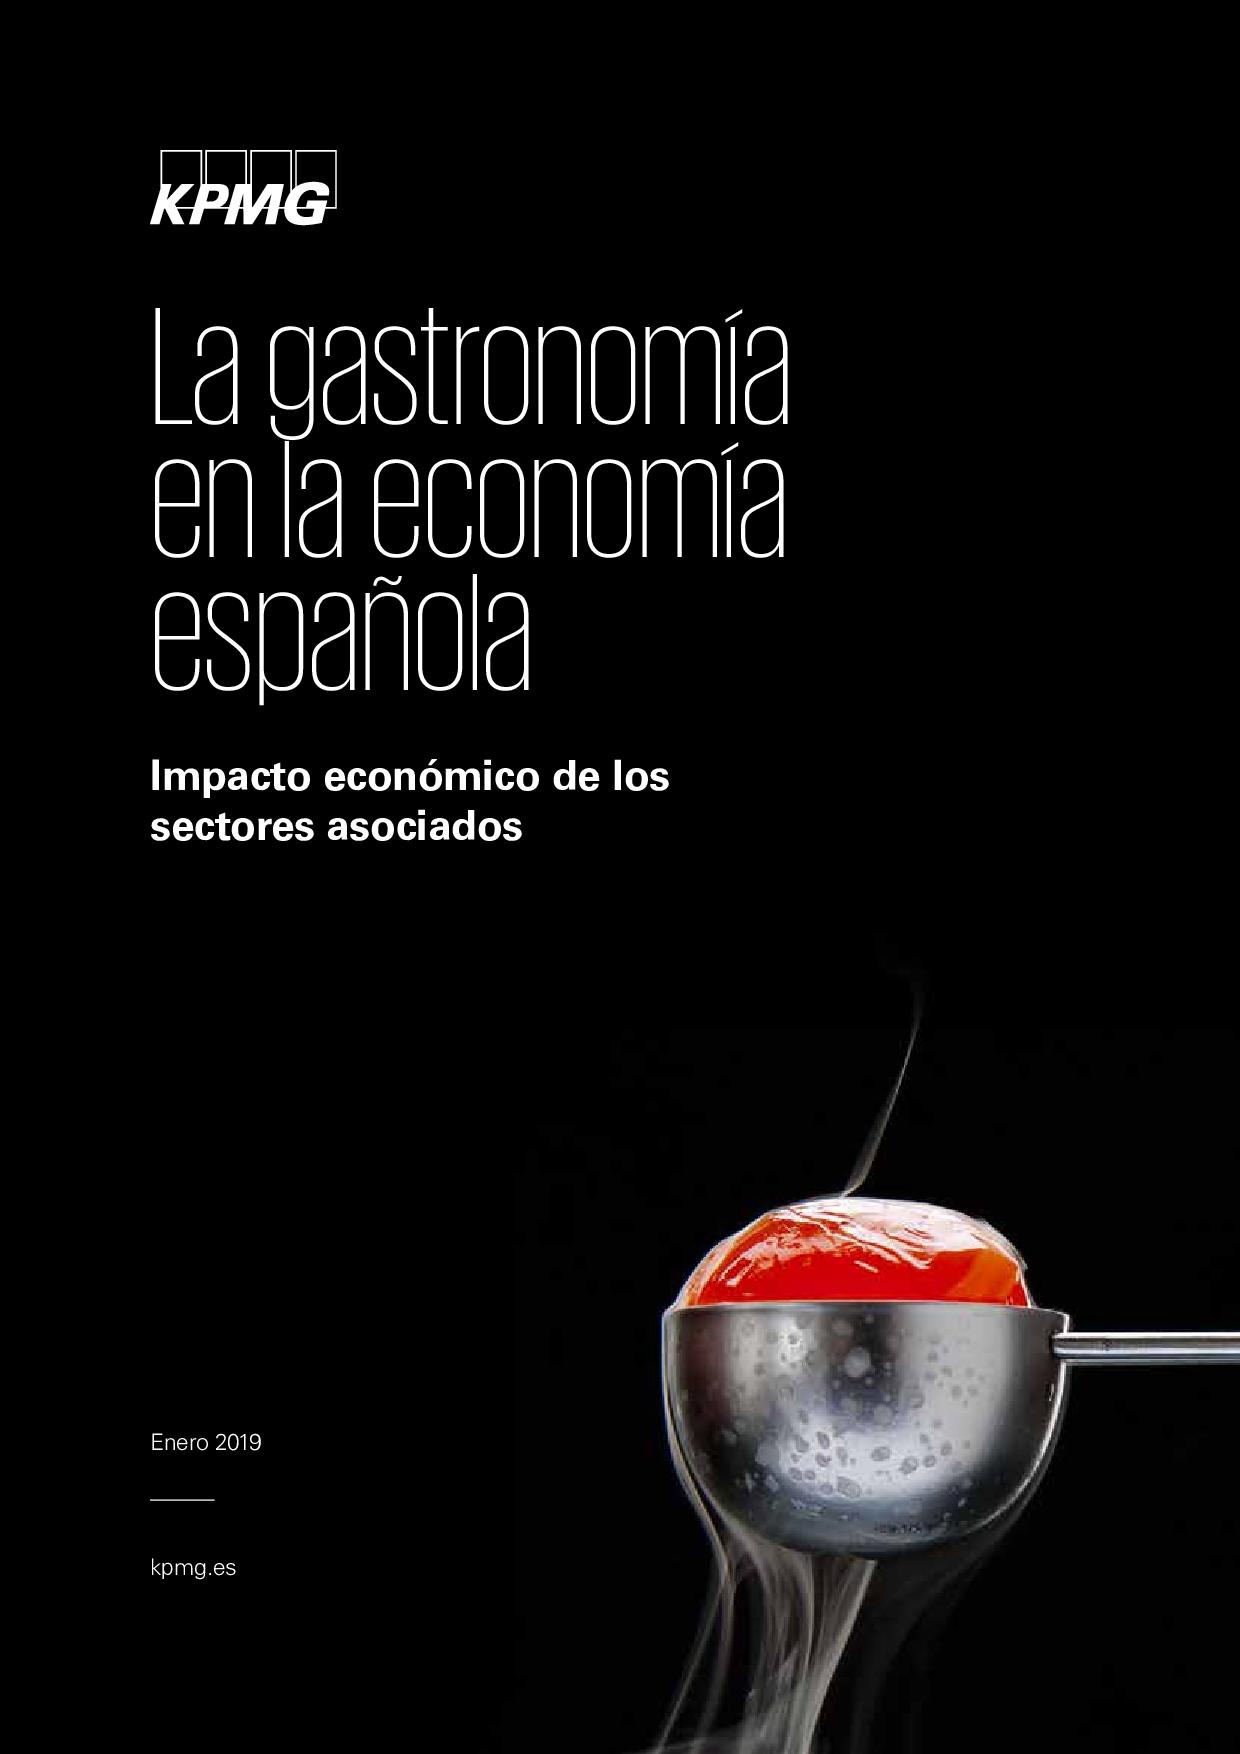 La gastronomía en la economía española Impacto económico de los sectores asociados